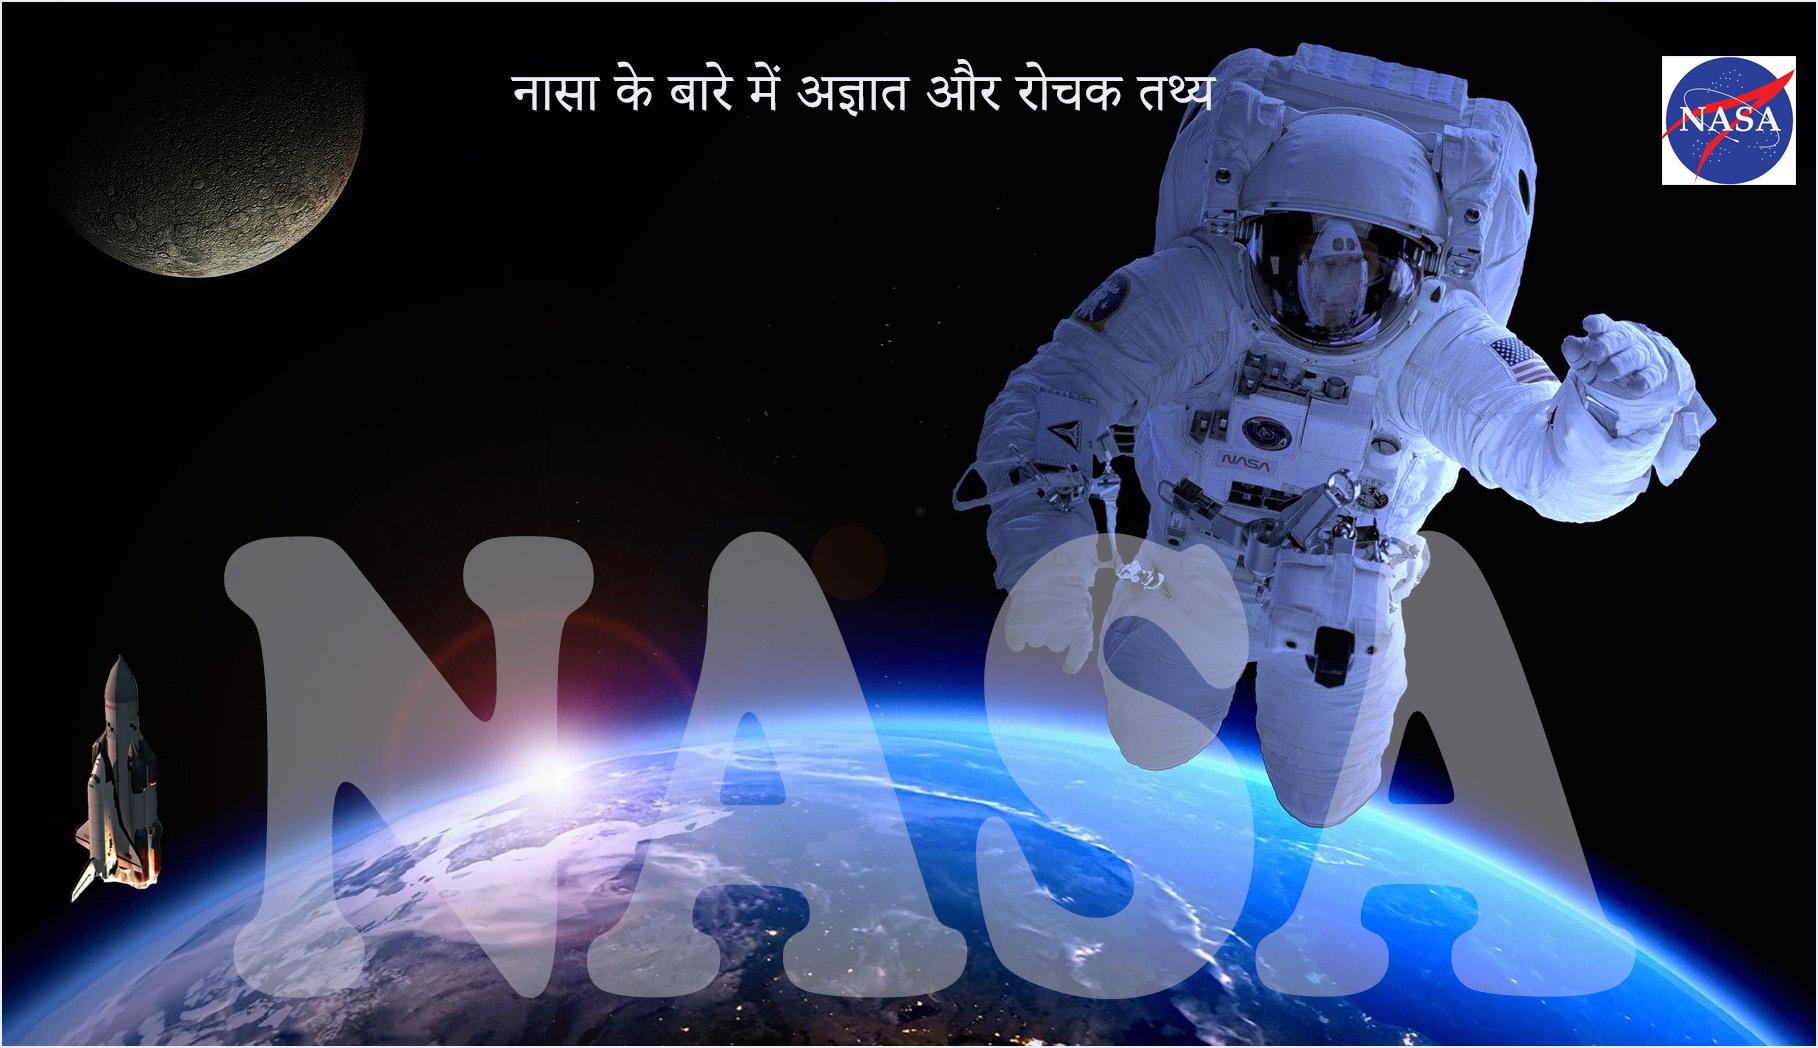 10 About NASA In Hindi || नासा के बारे में अज्ञात और रोचक तथ्य